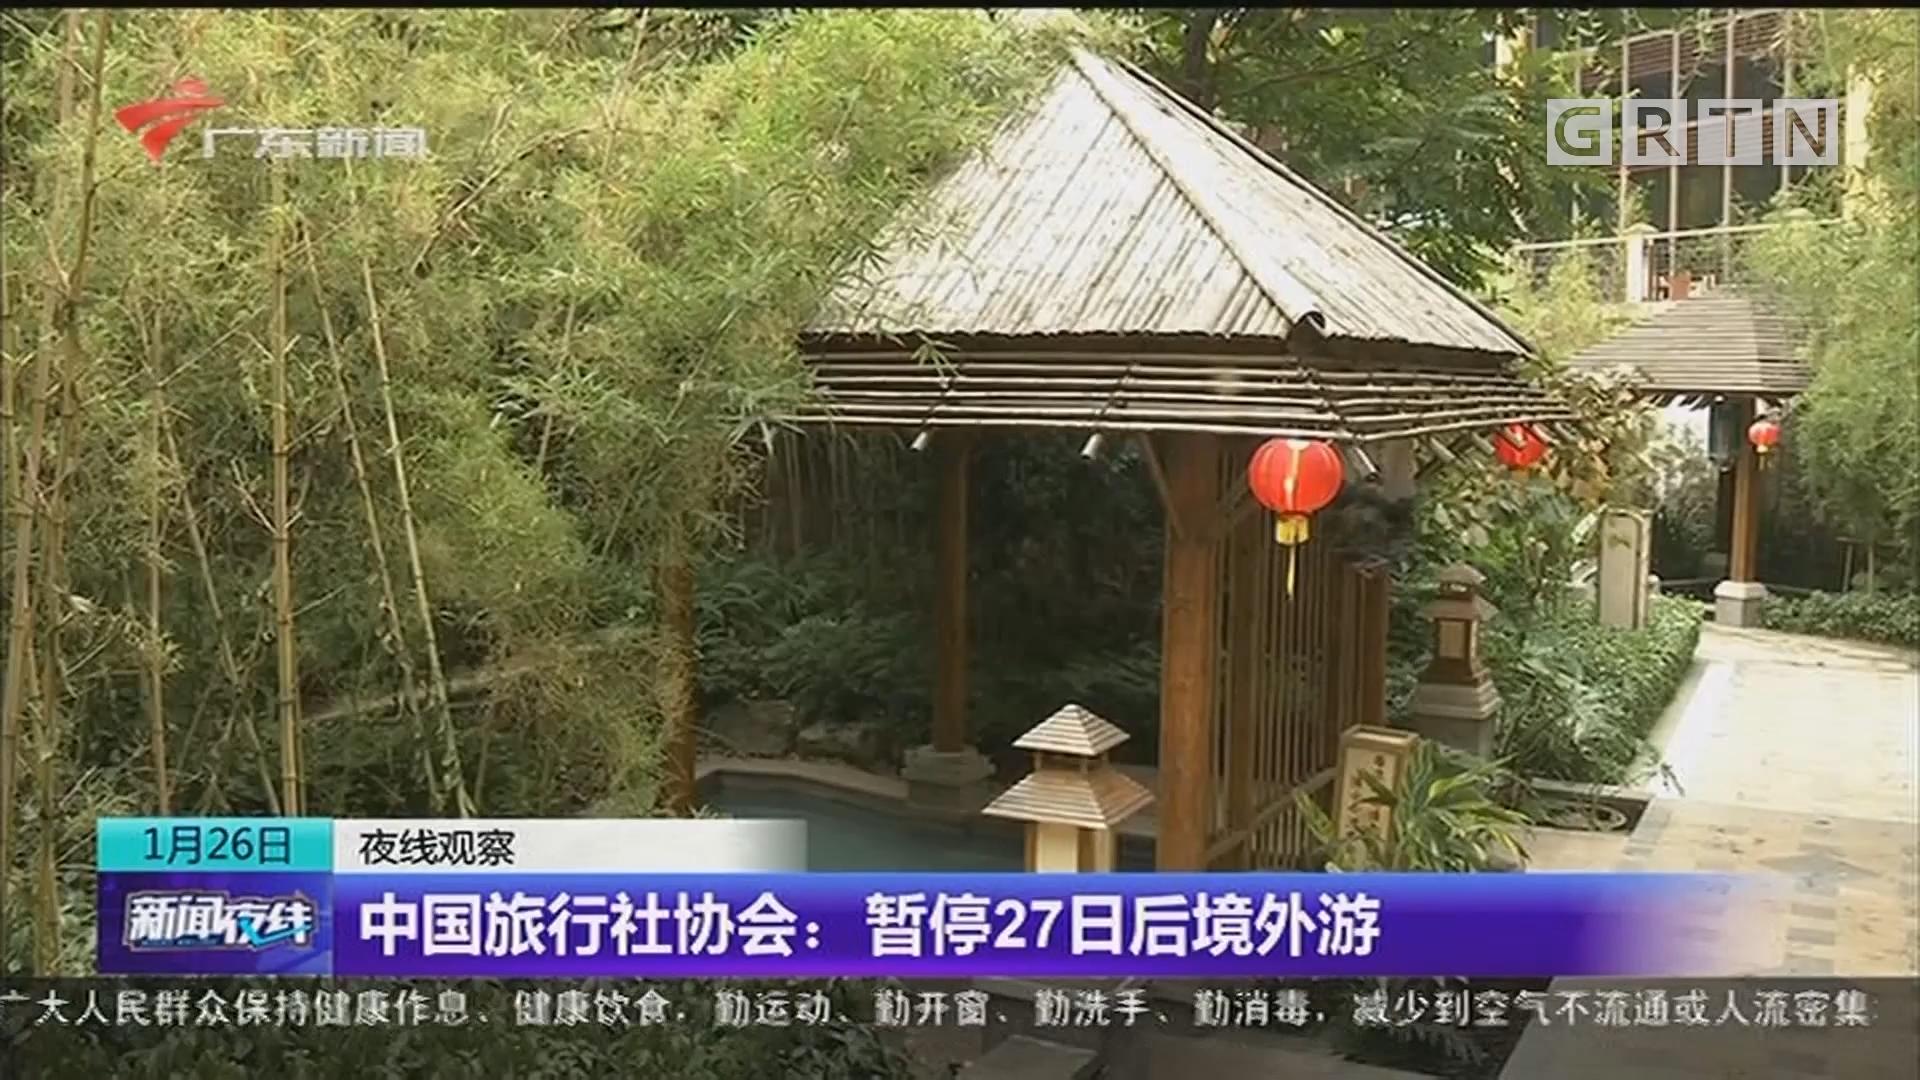 中国旅行社协会:暂停27日后境外游